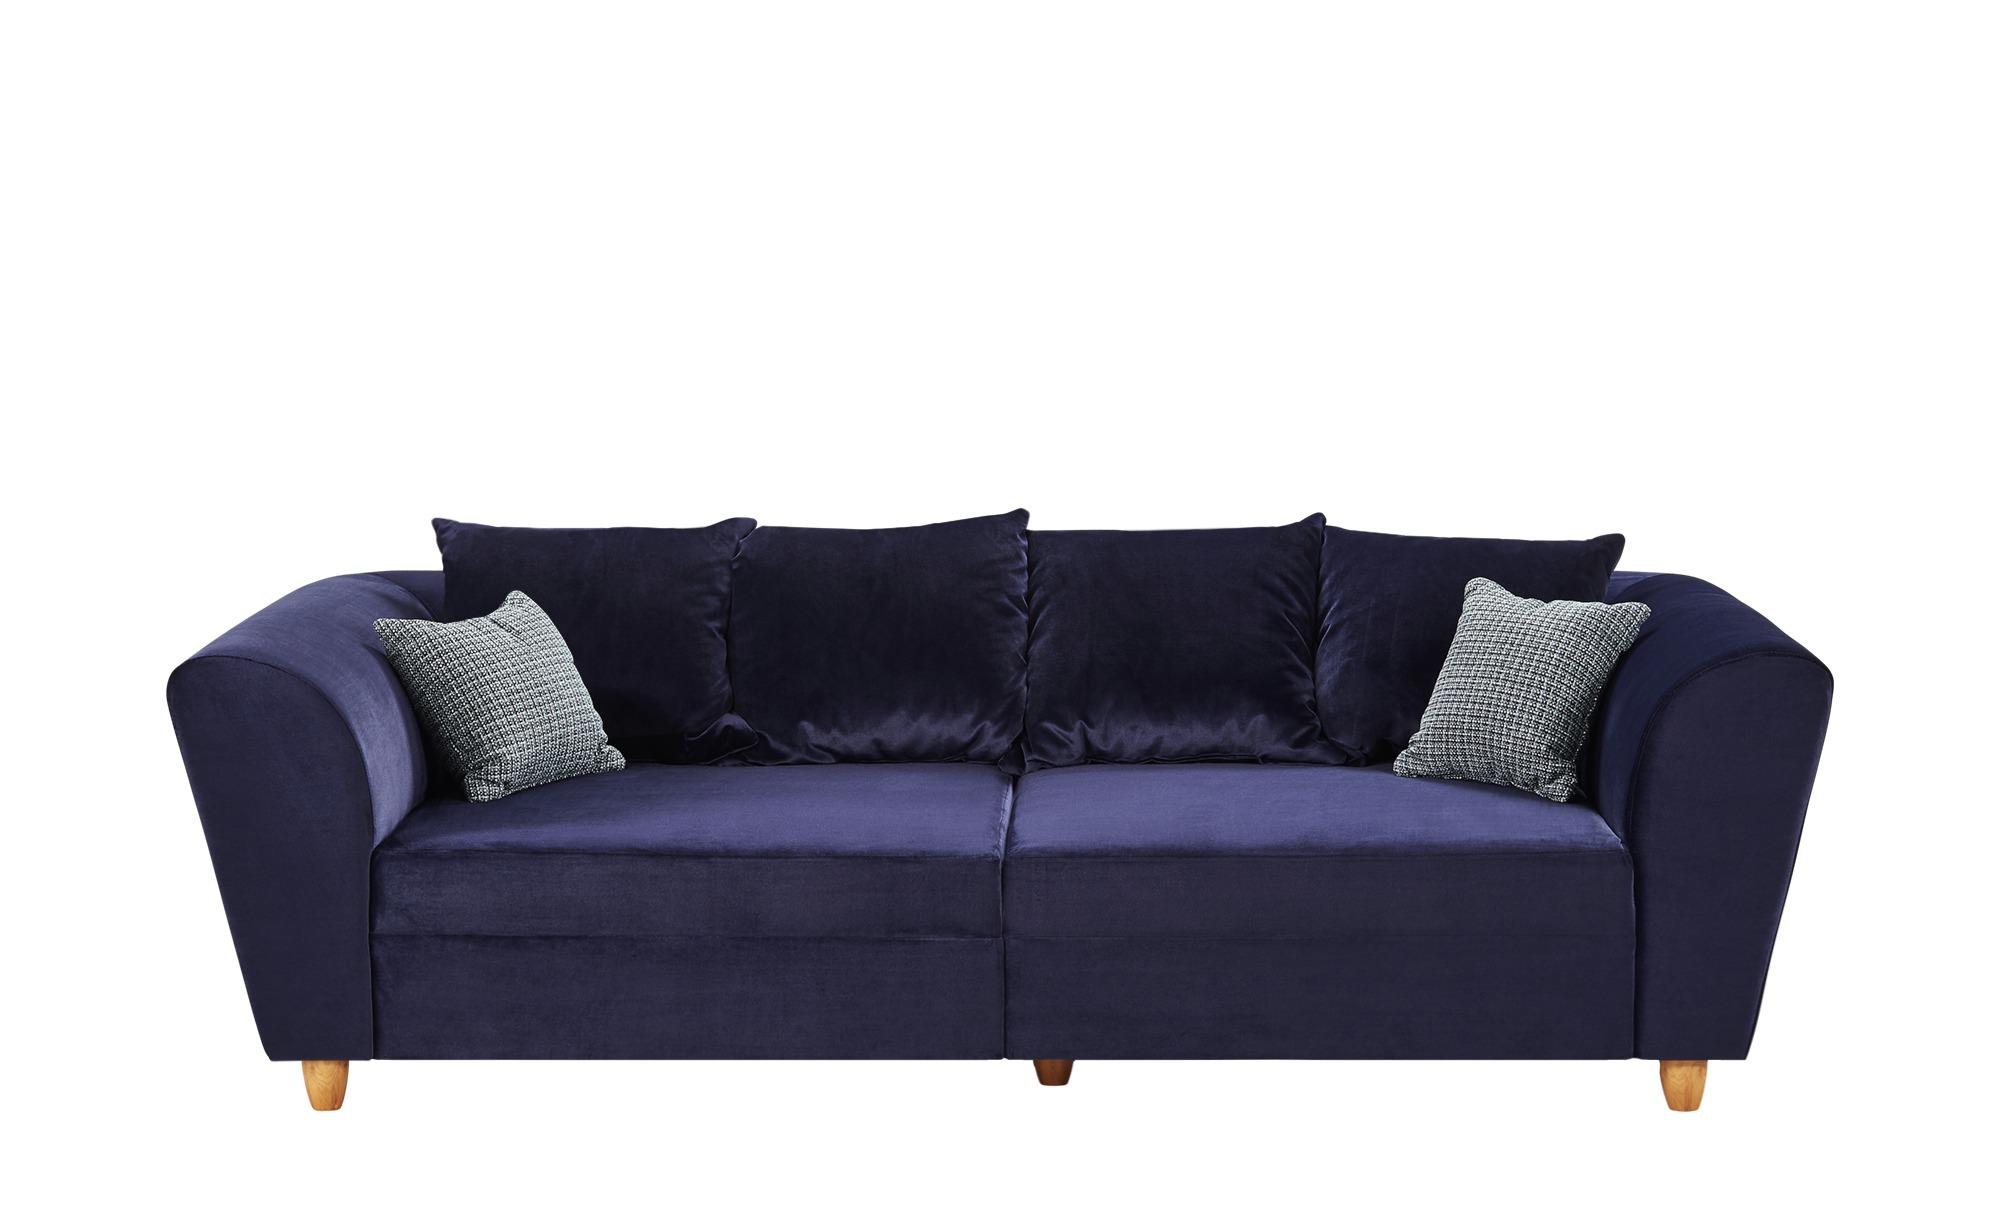 Full Size of Sofa Günstig Kaufen Sofort Lieferbar Bezug Garnitur 2 Teilig Bett Schlaffunktion Ecksofa Garten Koinor Leder Modernes Sofa Big Sofa Kaufen